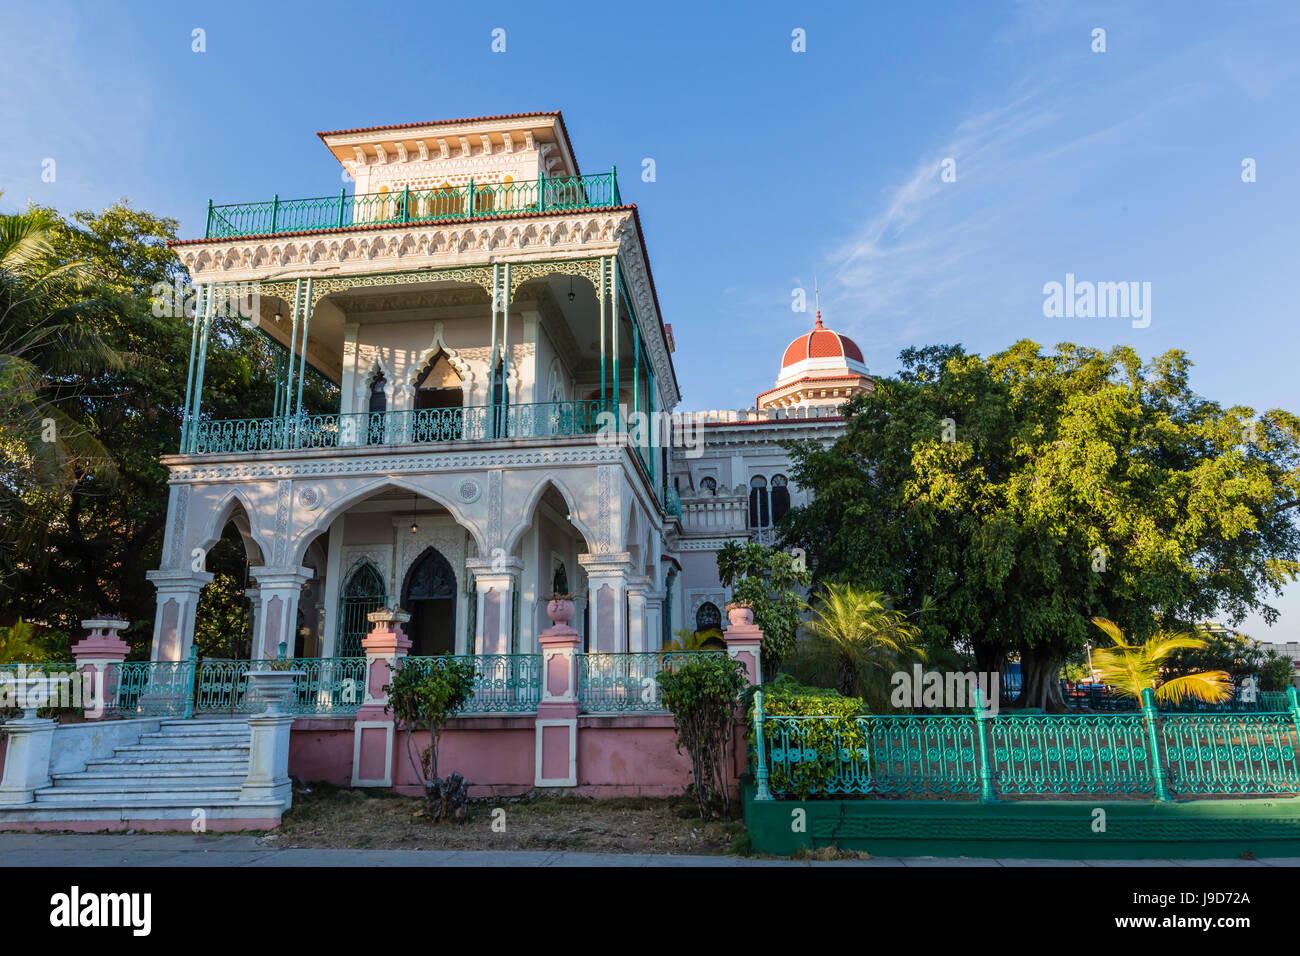 Vista exterior del Palacio de Valle (Valle's Palace), Punta Gorda, Cienfuegos, Cuba, Las Antillas, el Caribe, Imagen De Stock